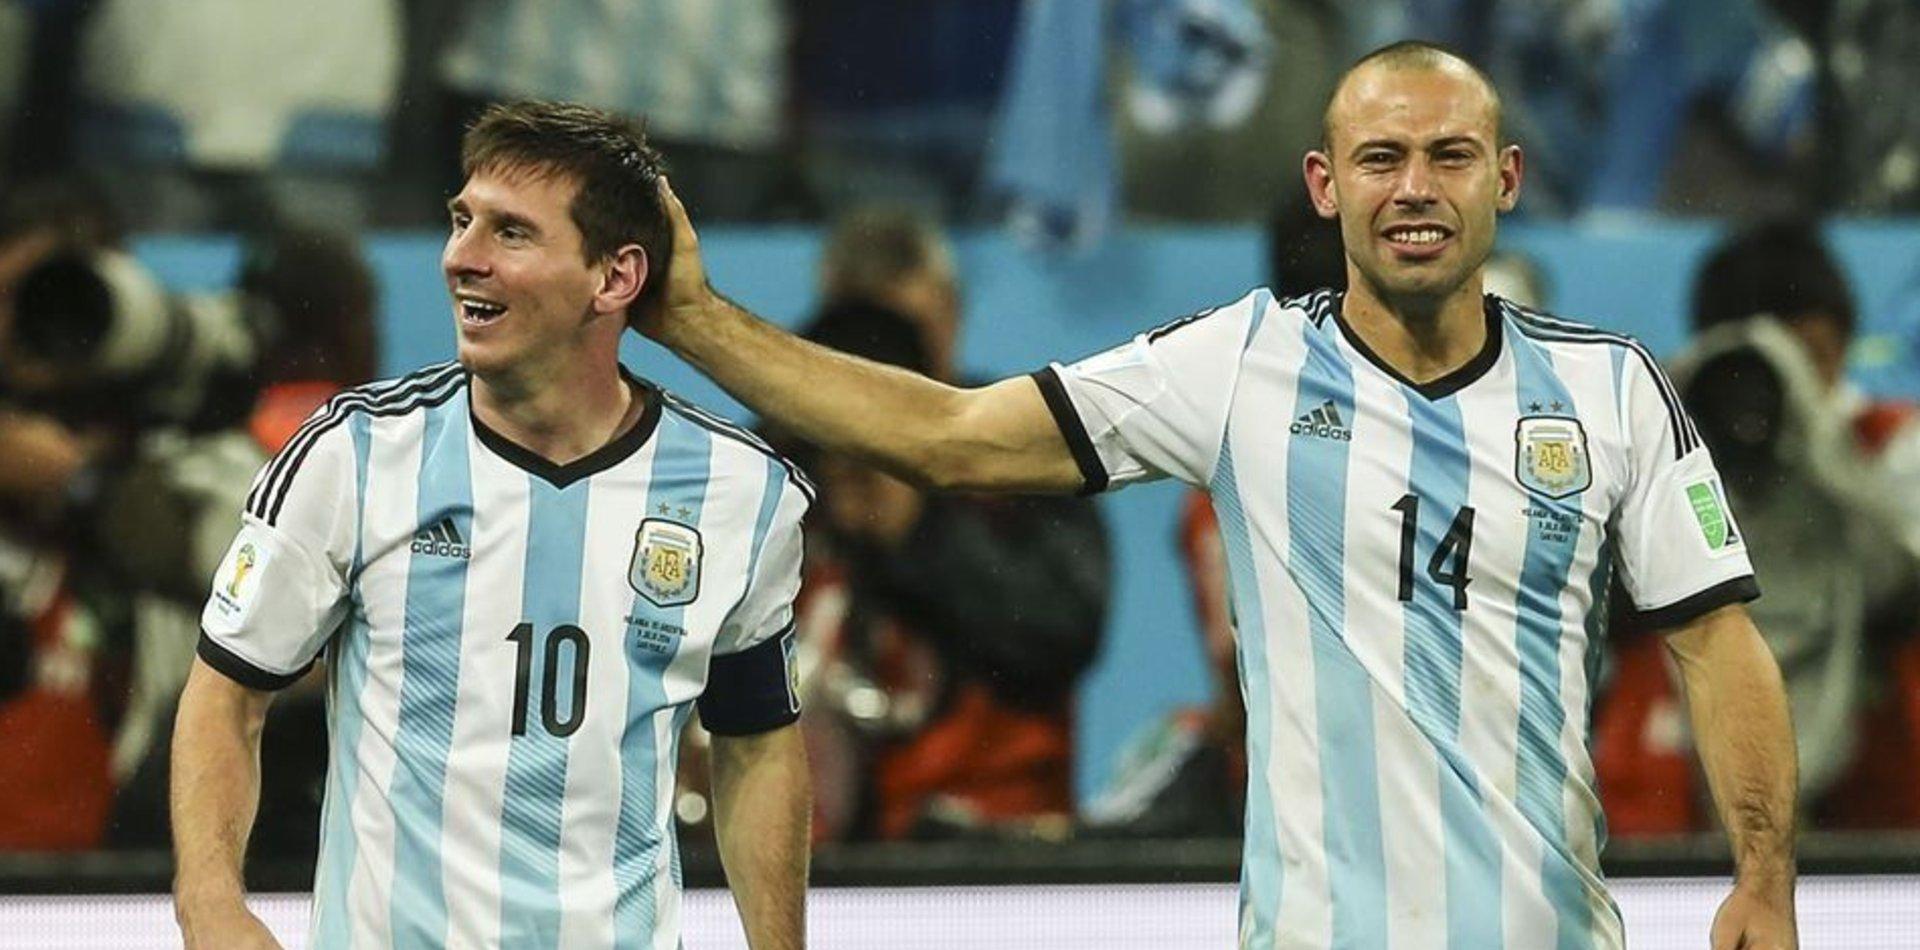 """El mensaje de Messi para su amigo Mascherano: """"Te venimos extrañando desde que te fuiste"""""""